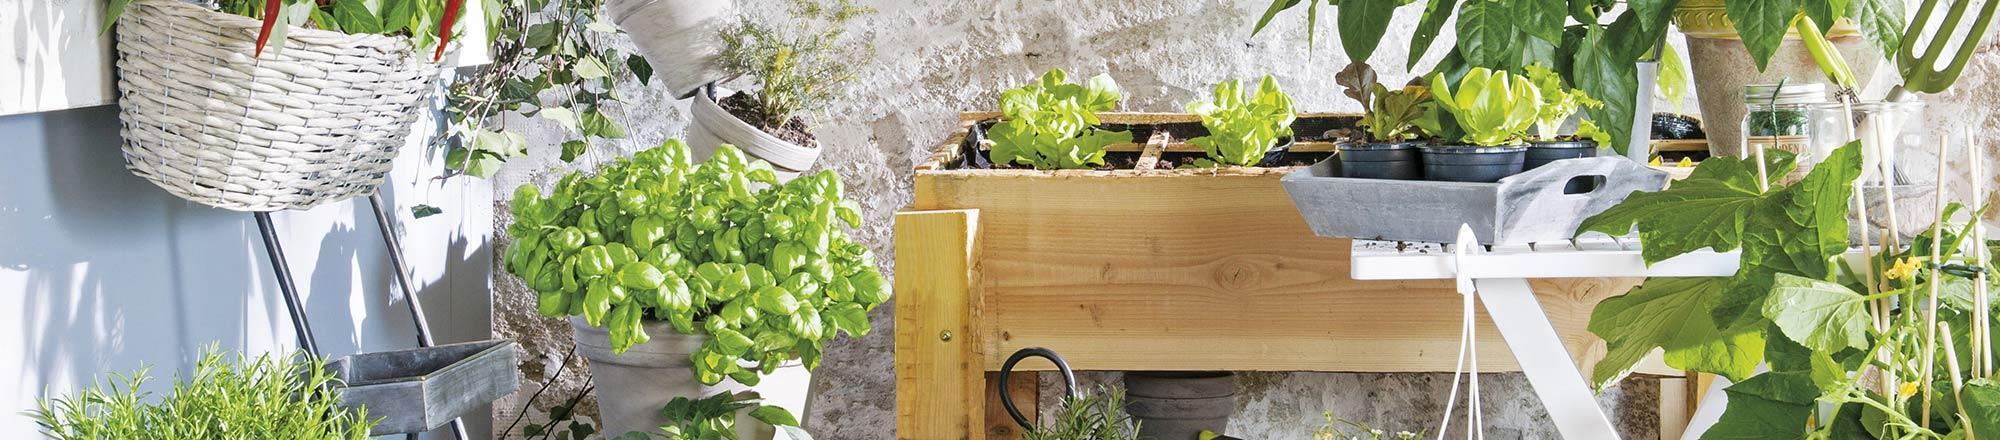 Kleine moestuin op balkon of terras